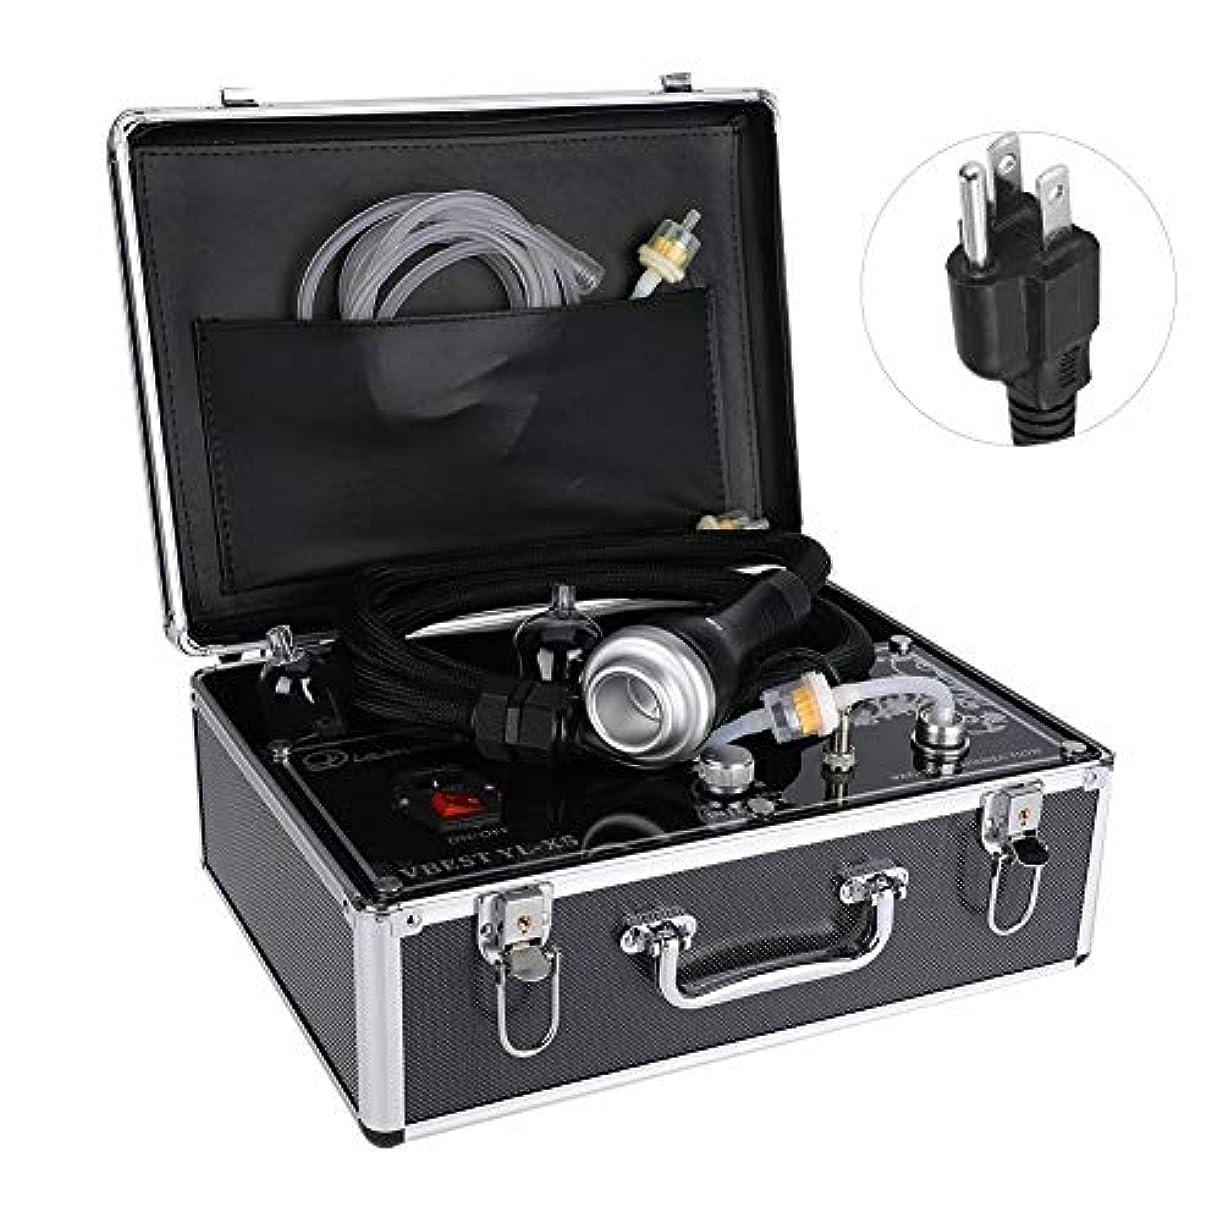 逃げる受け皿ポール否定的な圧力マッサージャー、ボディ解毒の浚渫の痛みのための熱い圧縮のこするカッピング療法の電気マッサージャー(US Plug)